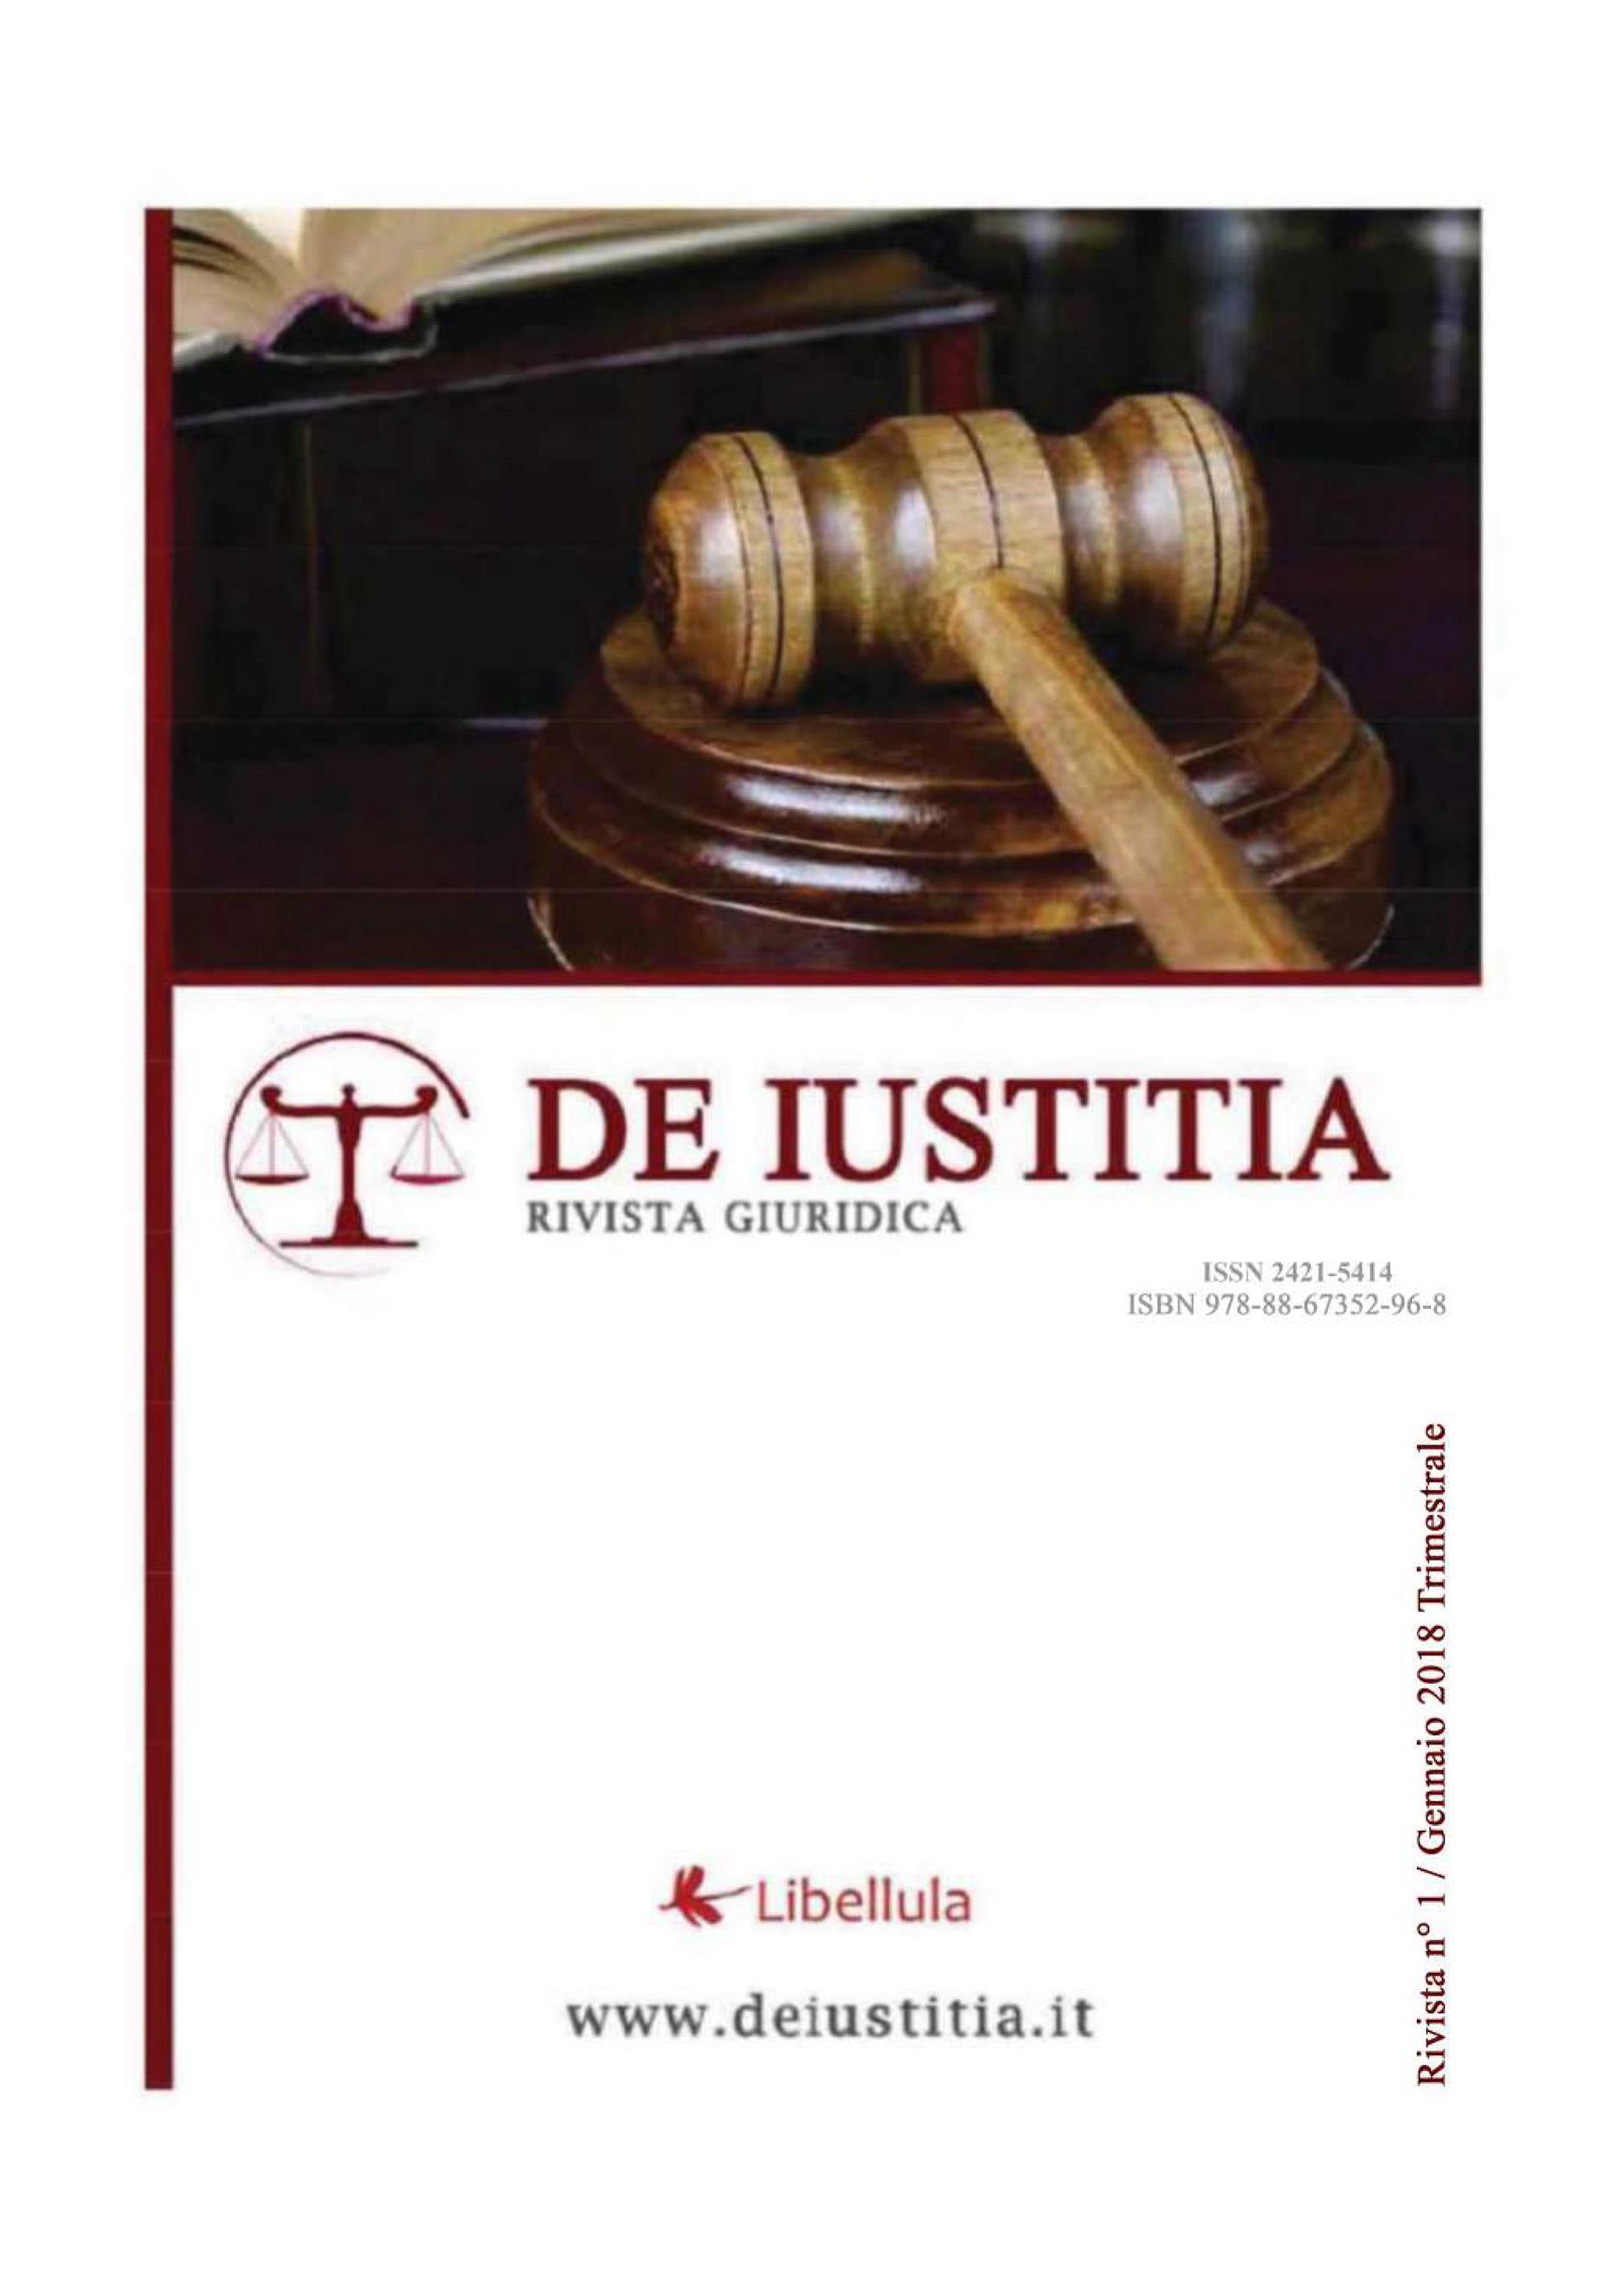 De Iustitia - Rivista di informazione giuridica - N. 1 Gennaio 2018